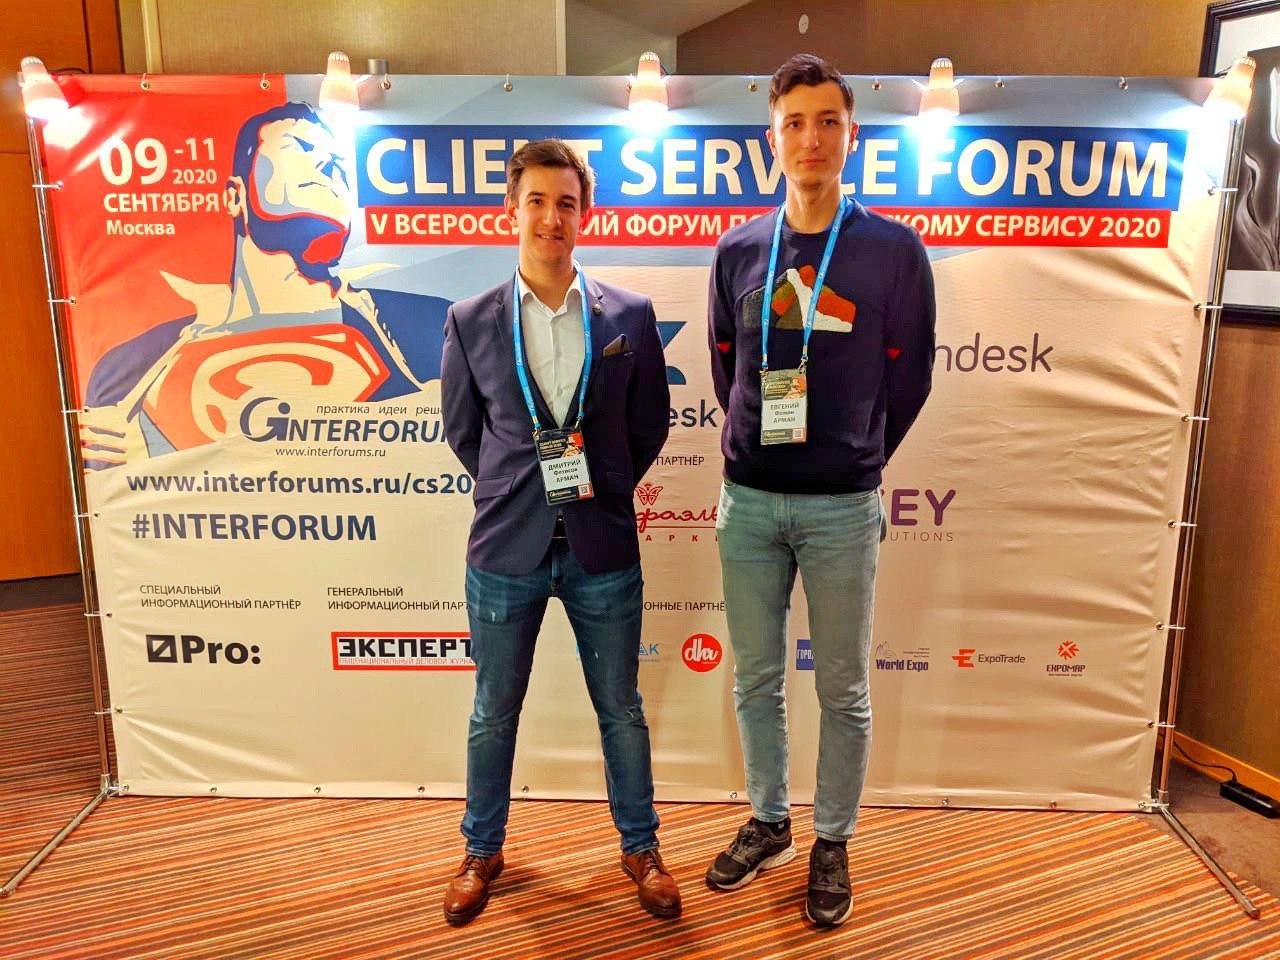 """9 сентября сотрудники """"Арман"""" посетили Форум по клиентскому сервису в Москве. Зачем?"""